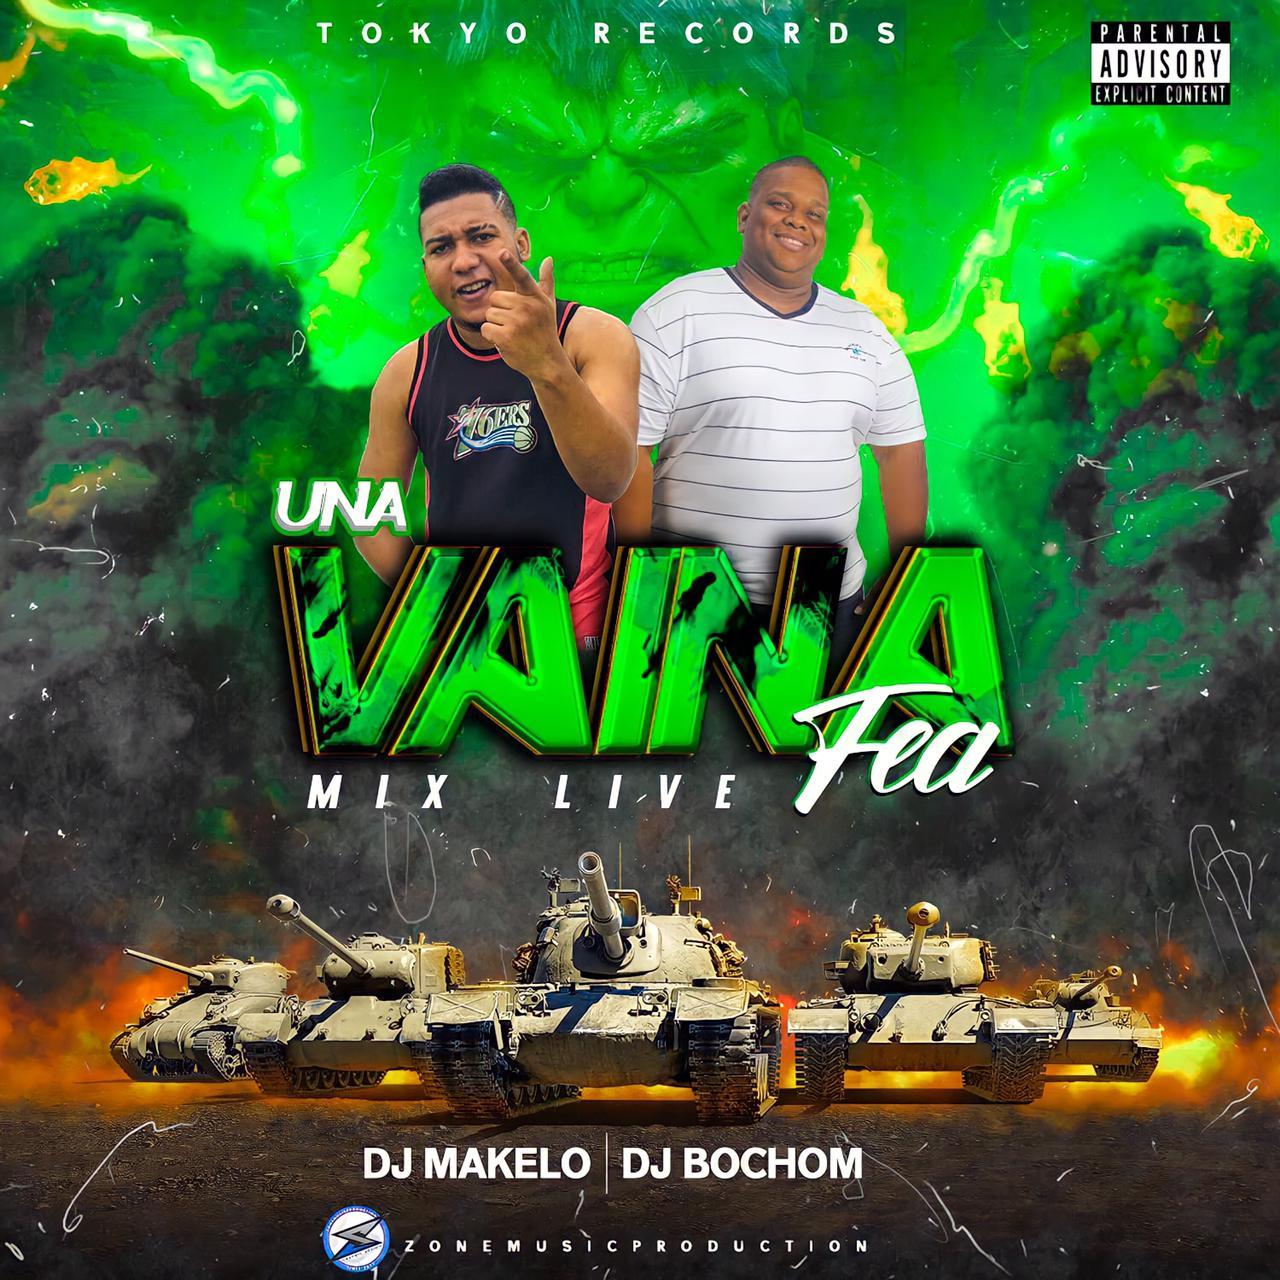 @DjBochom Ft @DjMakelo - Una Vaina Fea Mix Live